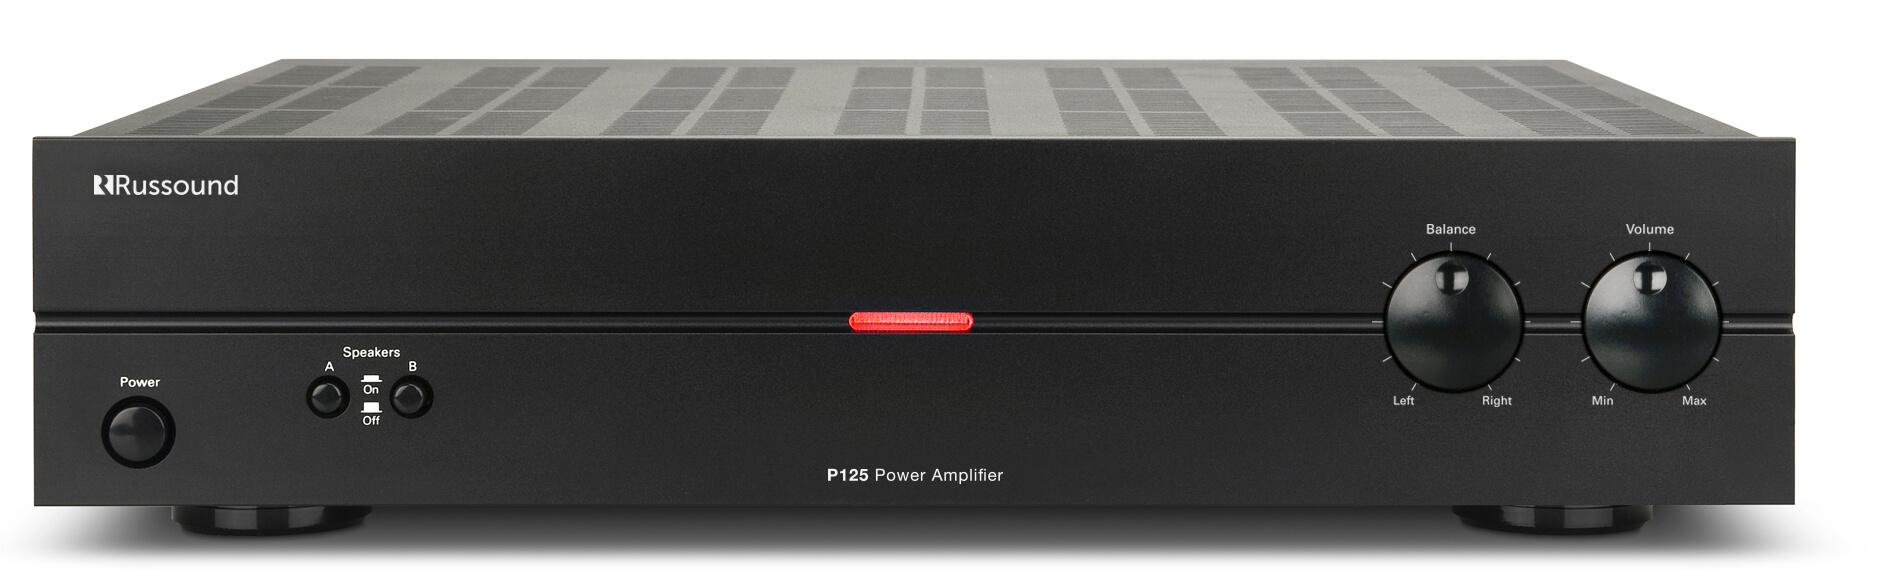 P125 De Dos Canales, 125w, Amplificador De Doble Fuente